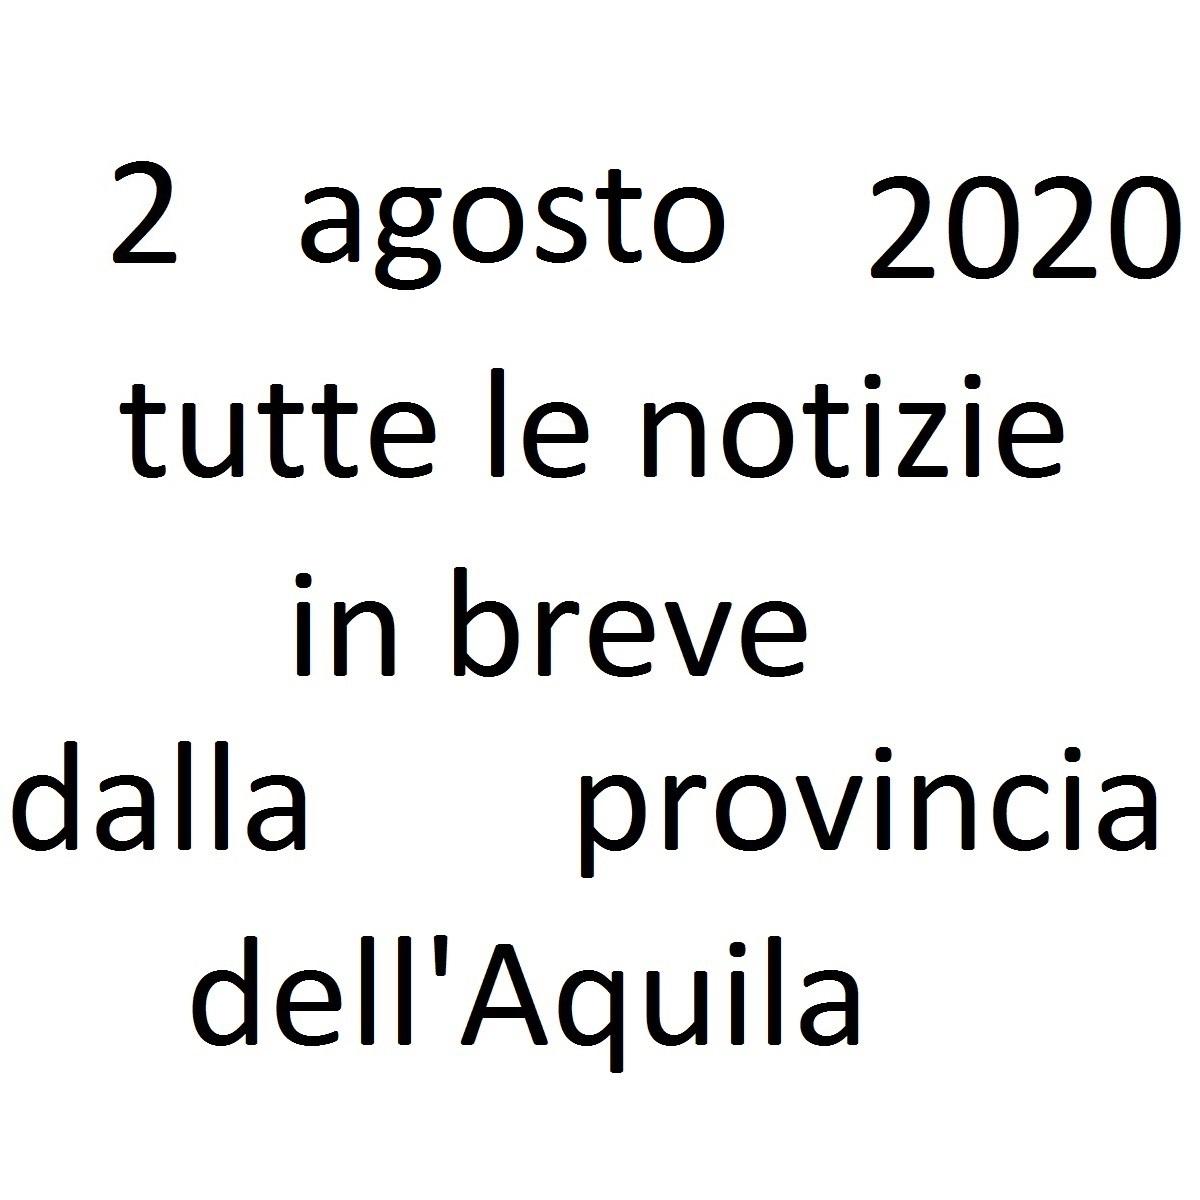 2 agosto 2020 notizie in breve dalla Provincia dell'Aquila foto